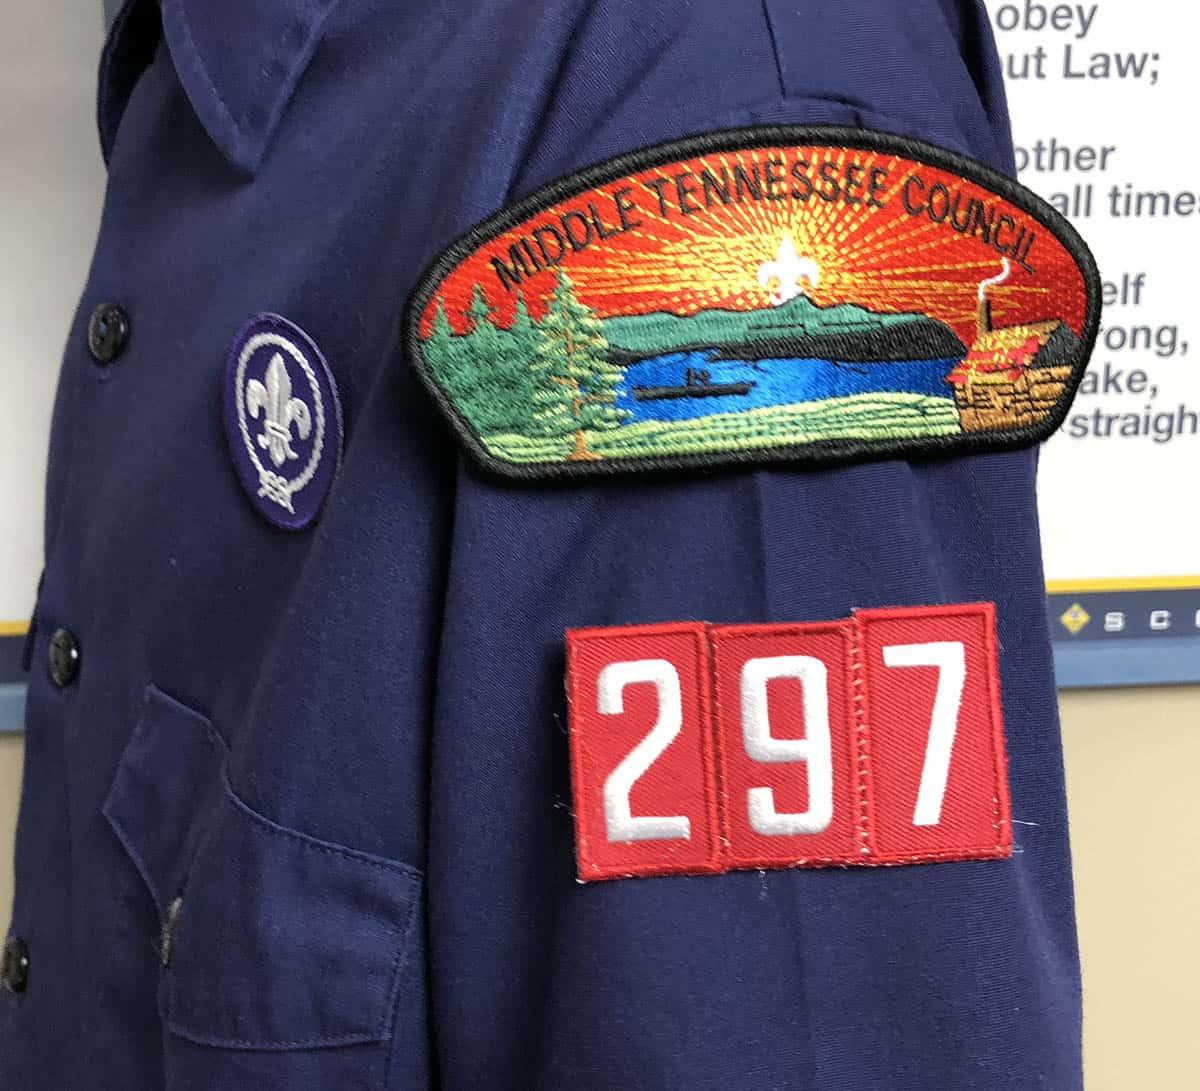 cub scout unit number on uniform